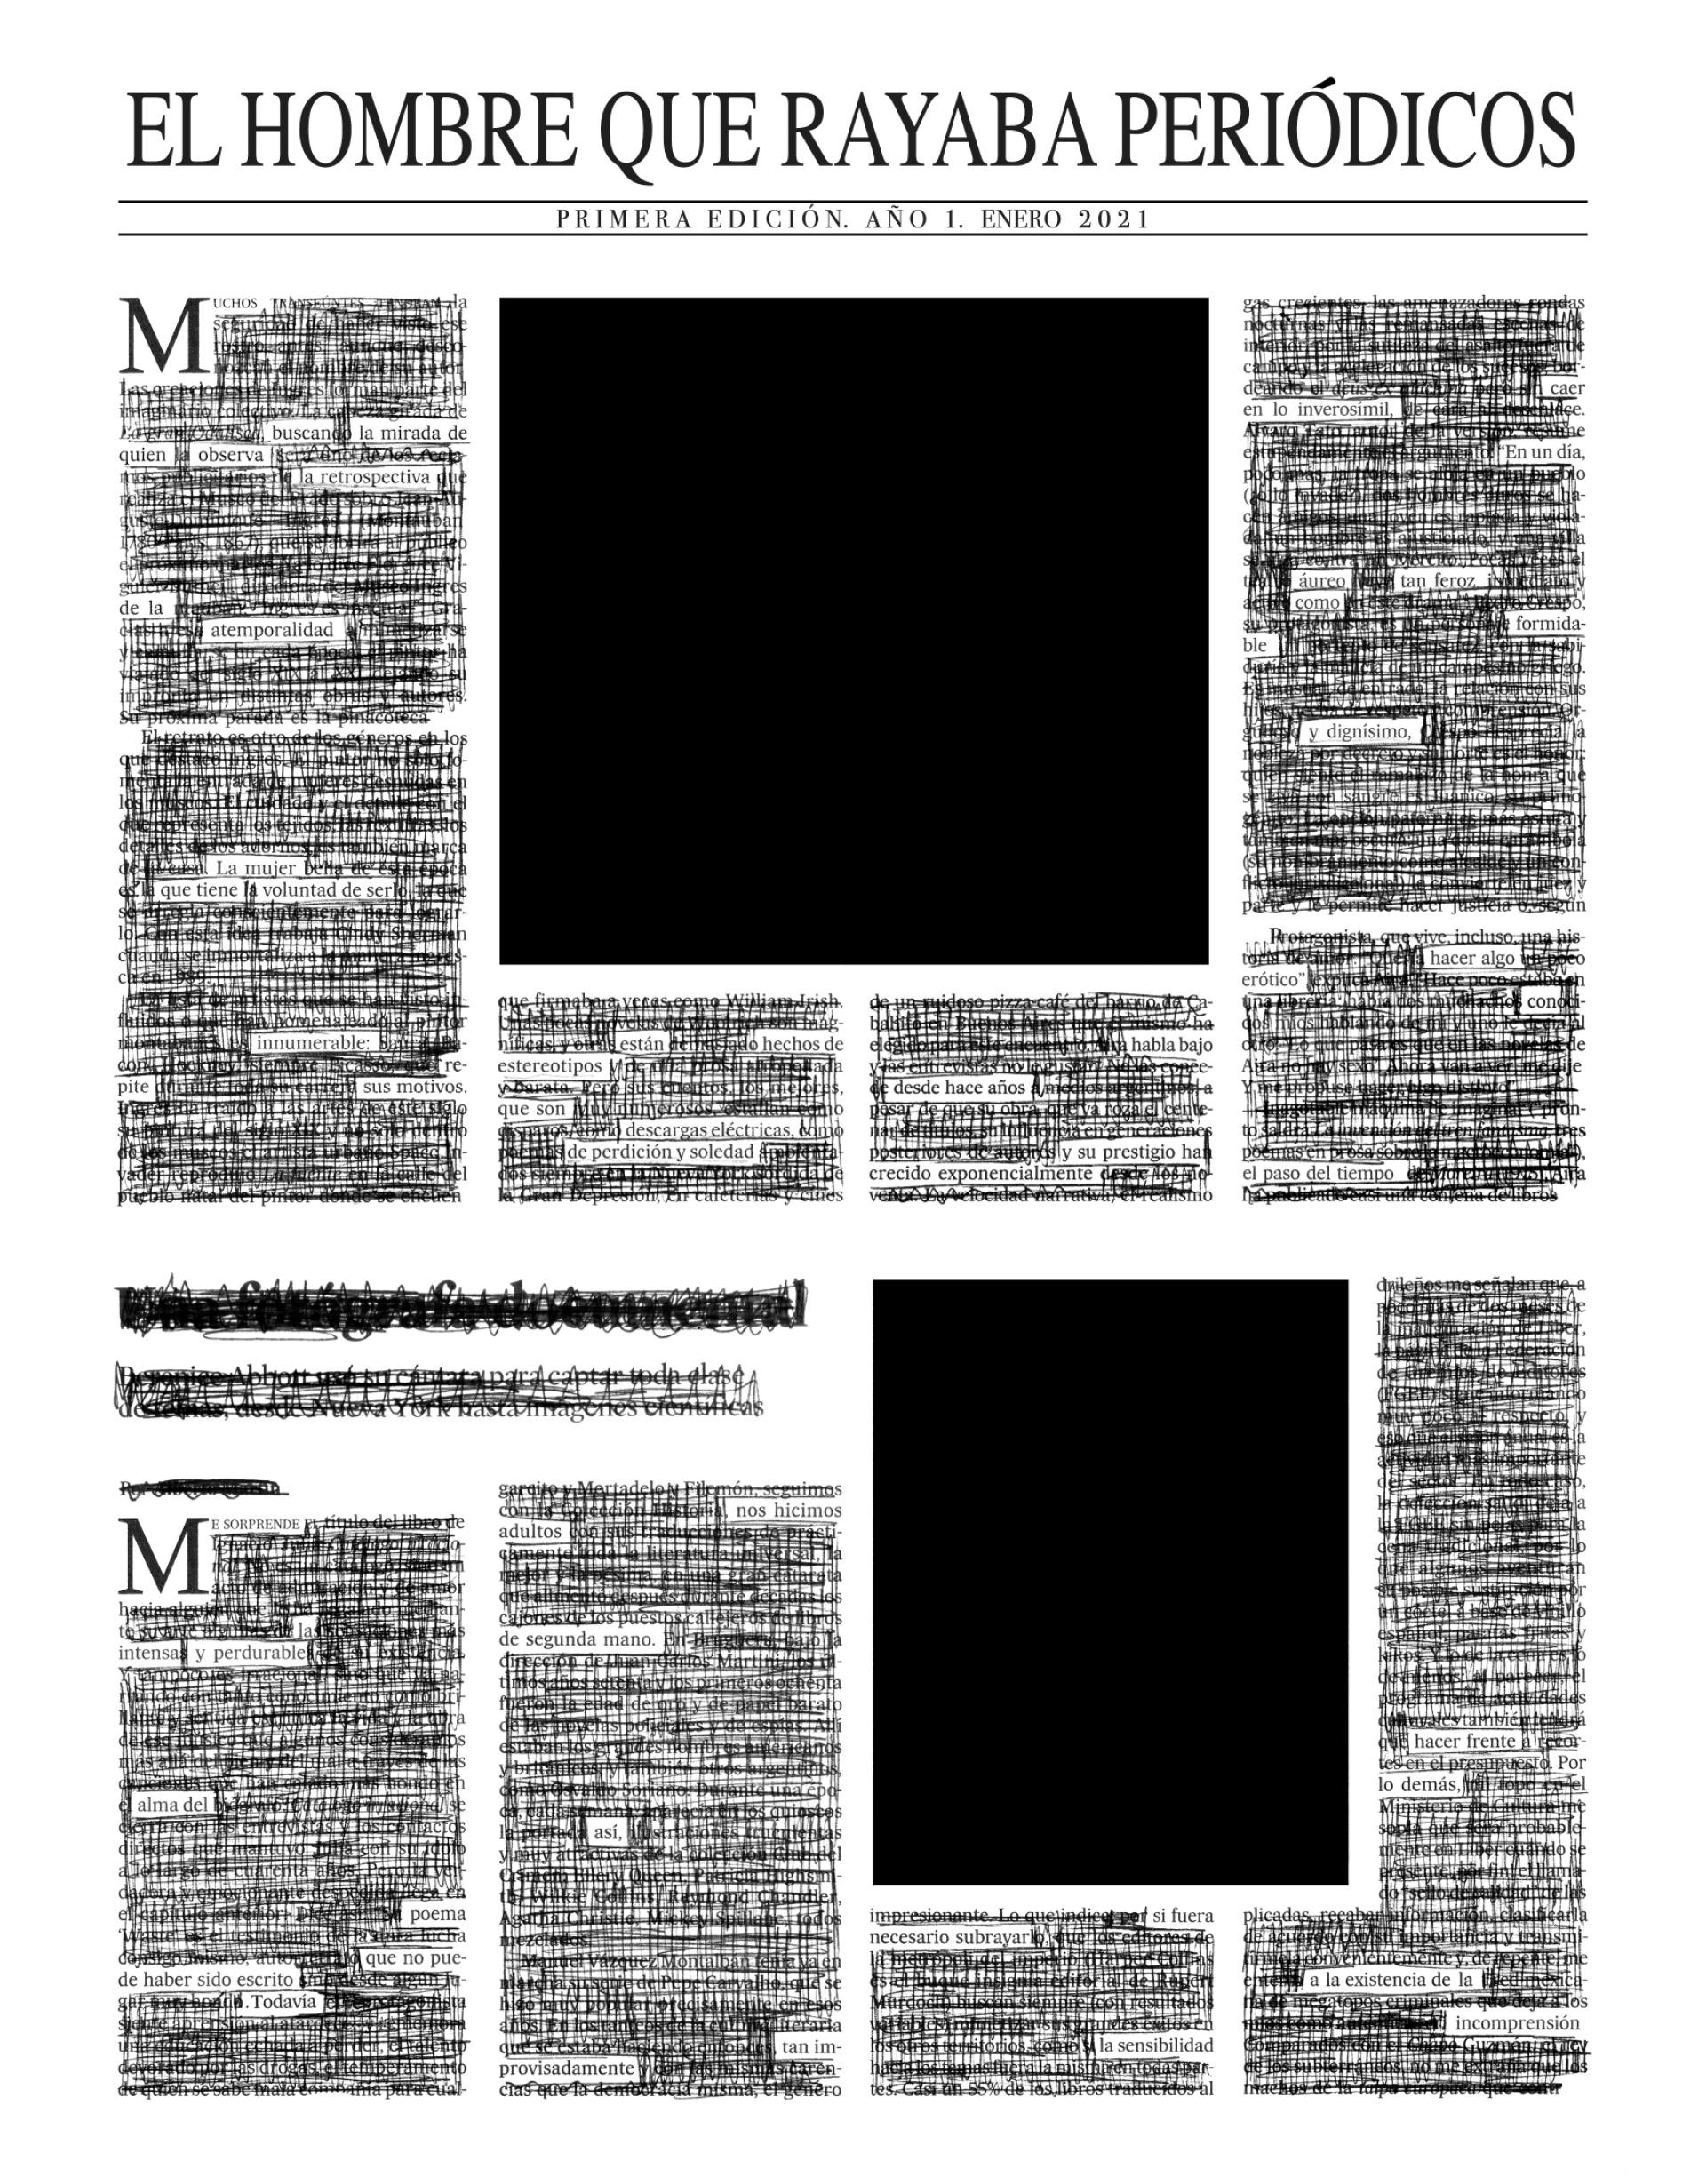 El hombre que rayaba periódicos